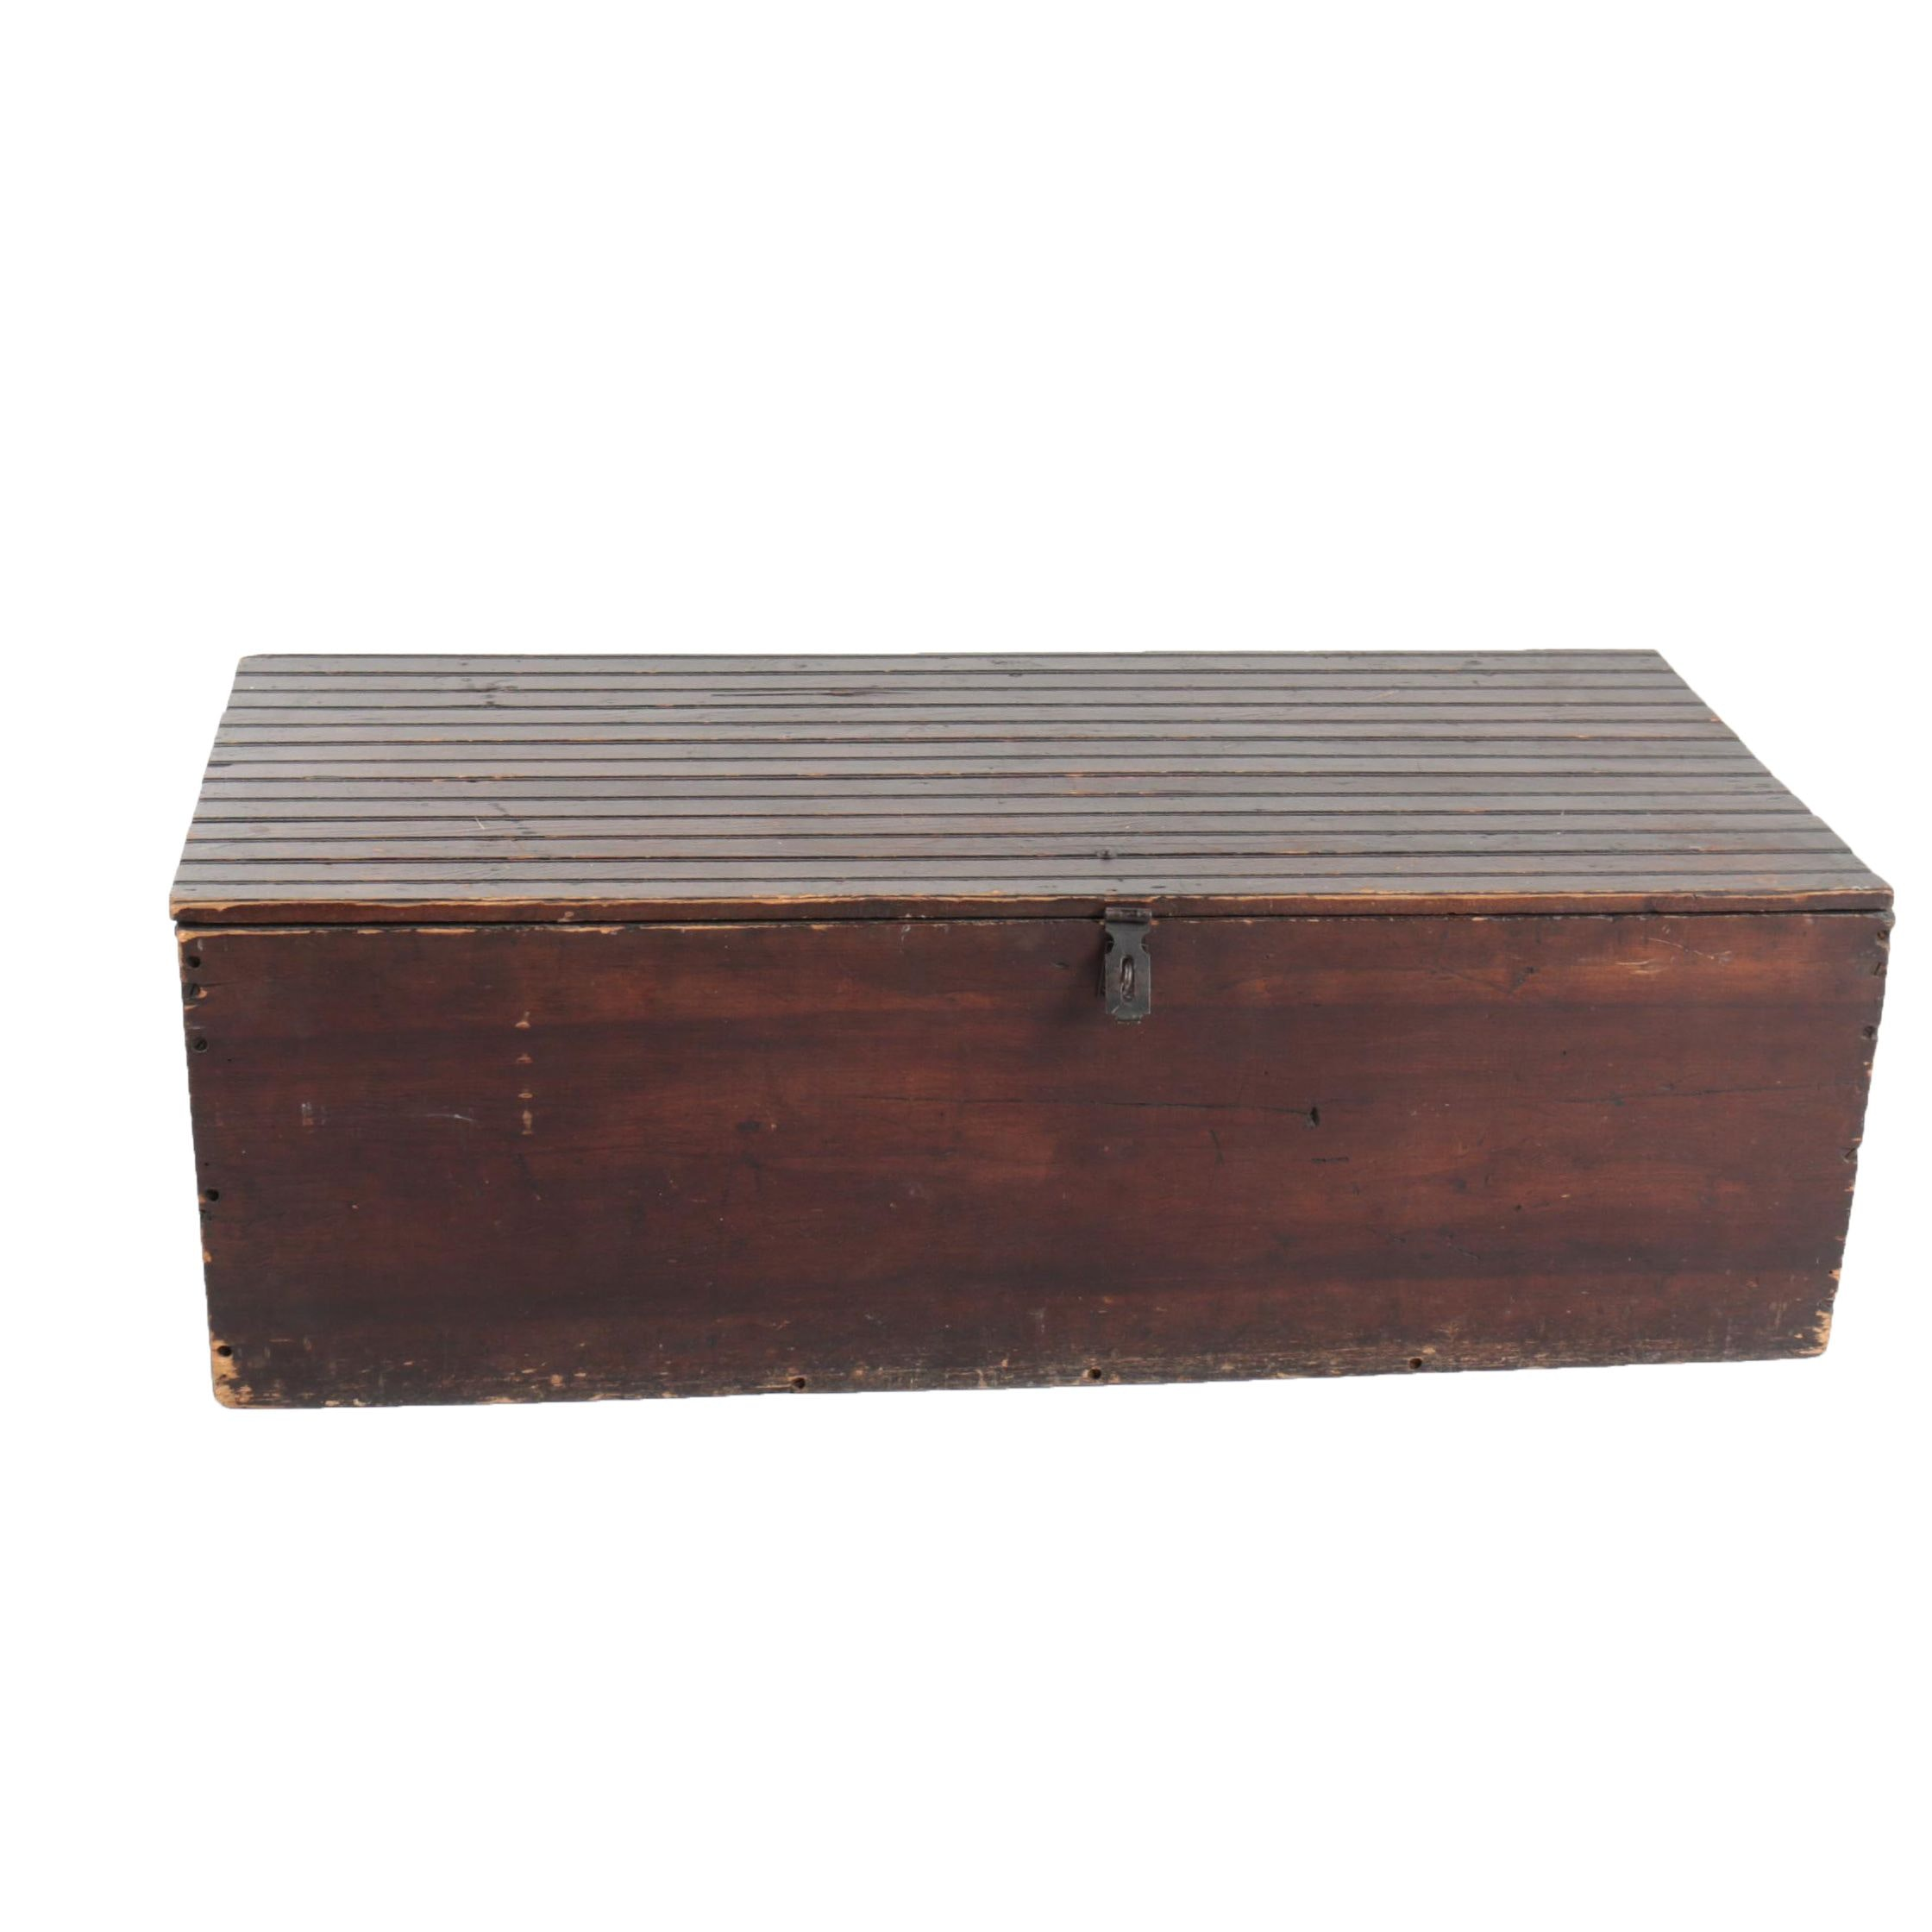 Antique Wooden Beadboard Trunk